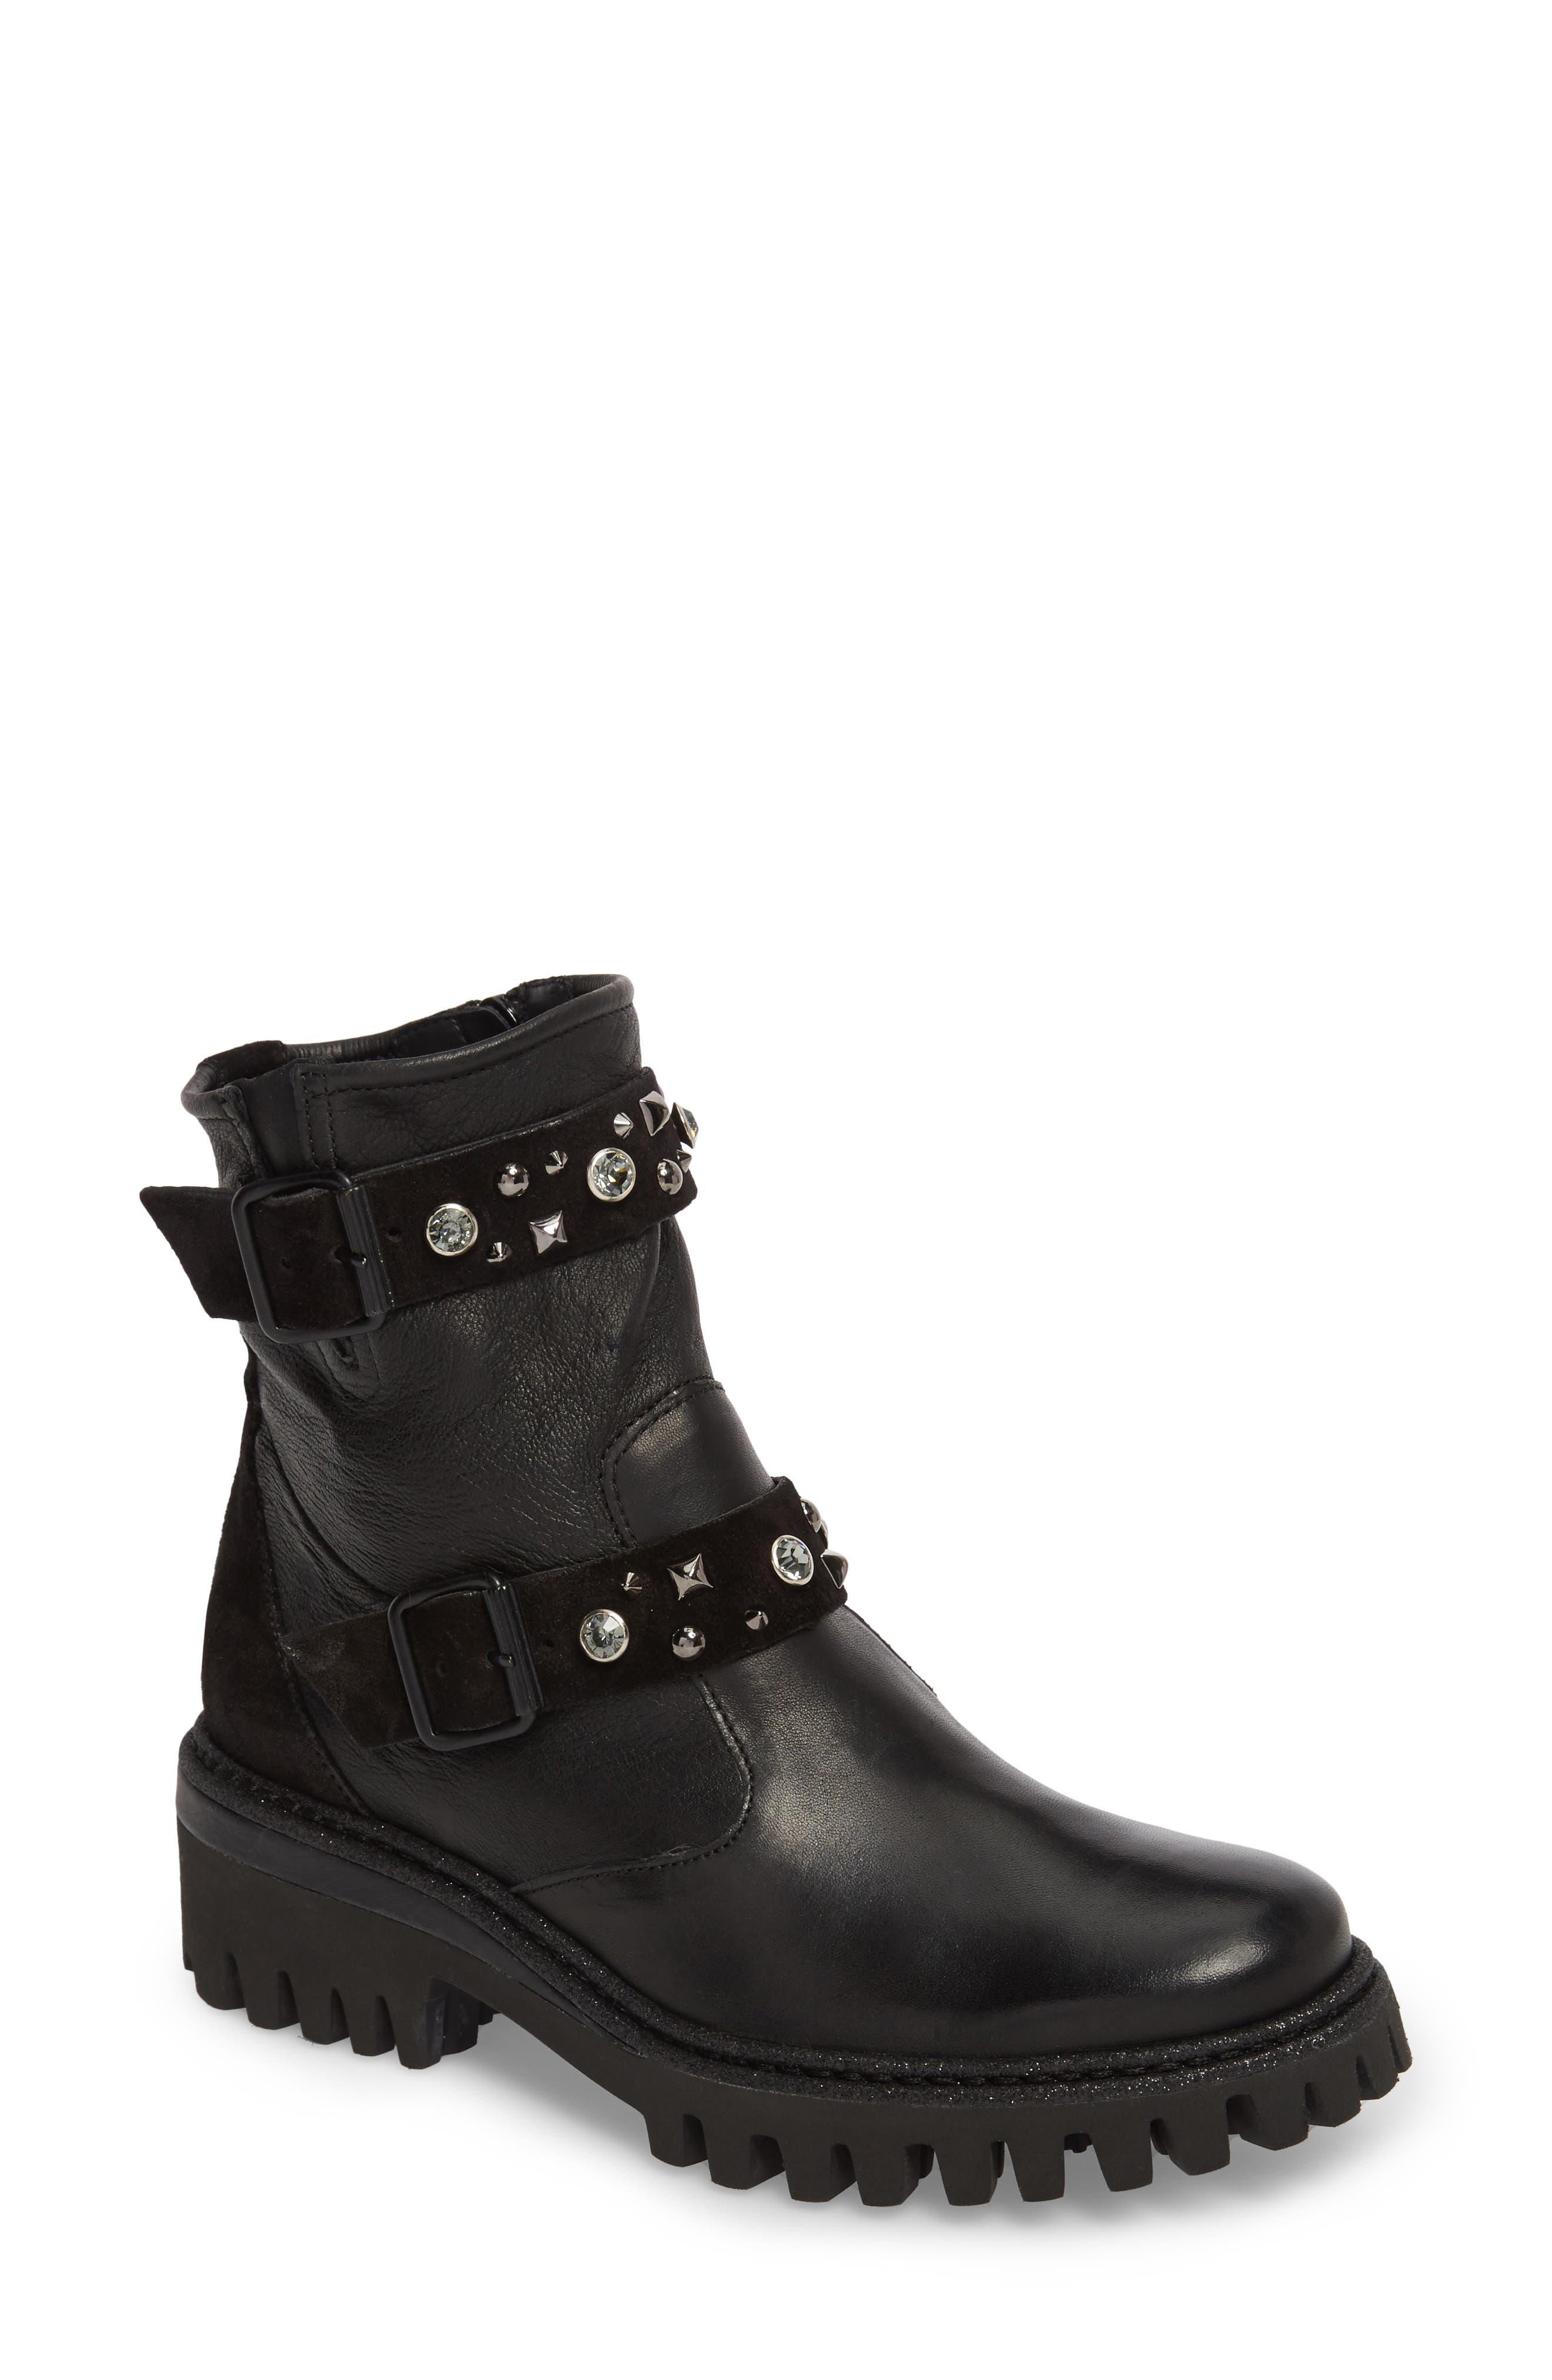 Rivet Moto Boot,                             Main thumbnail 1, color,                             Black Leather